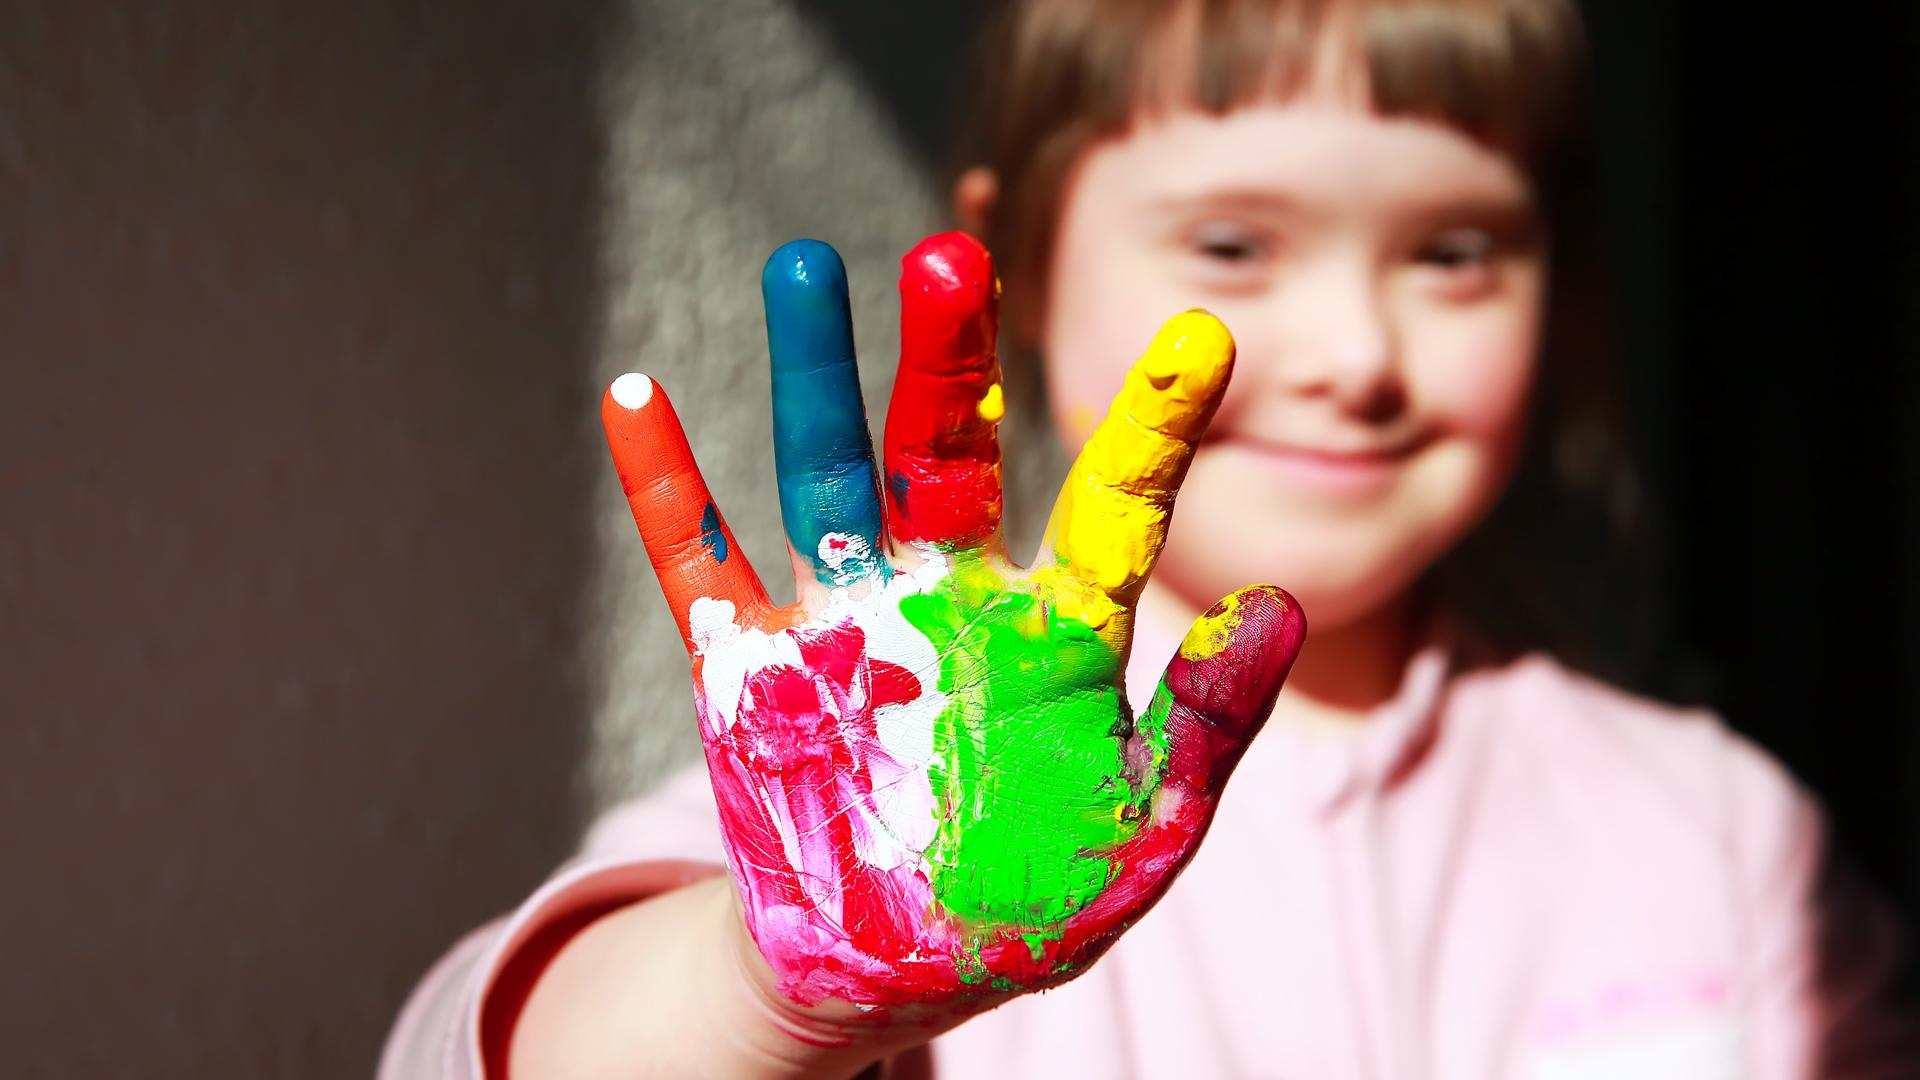 Reflexión Conciencia E Inclusión Los 3 Objetivos Que